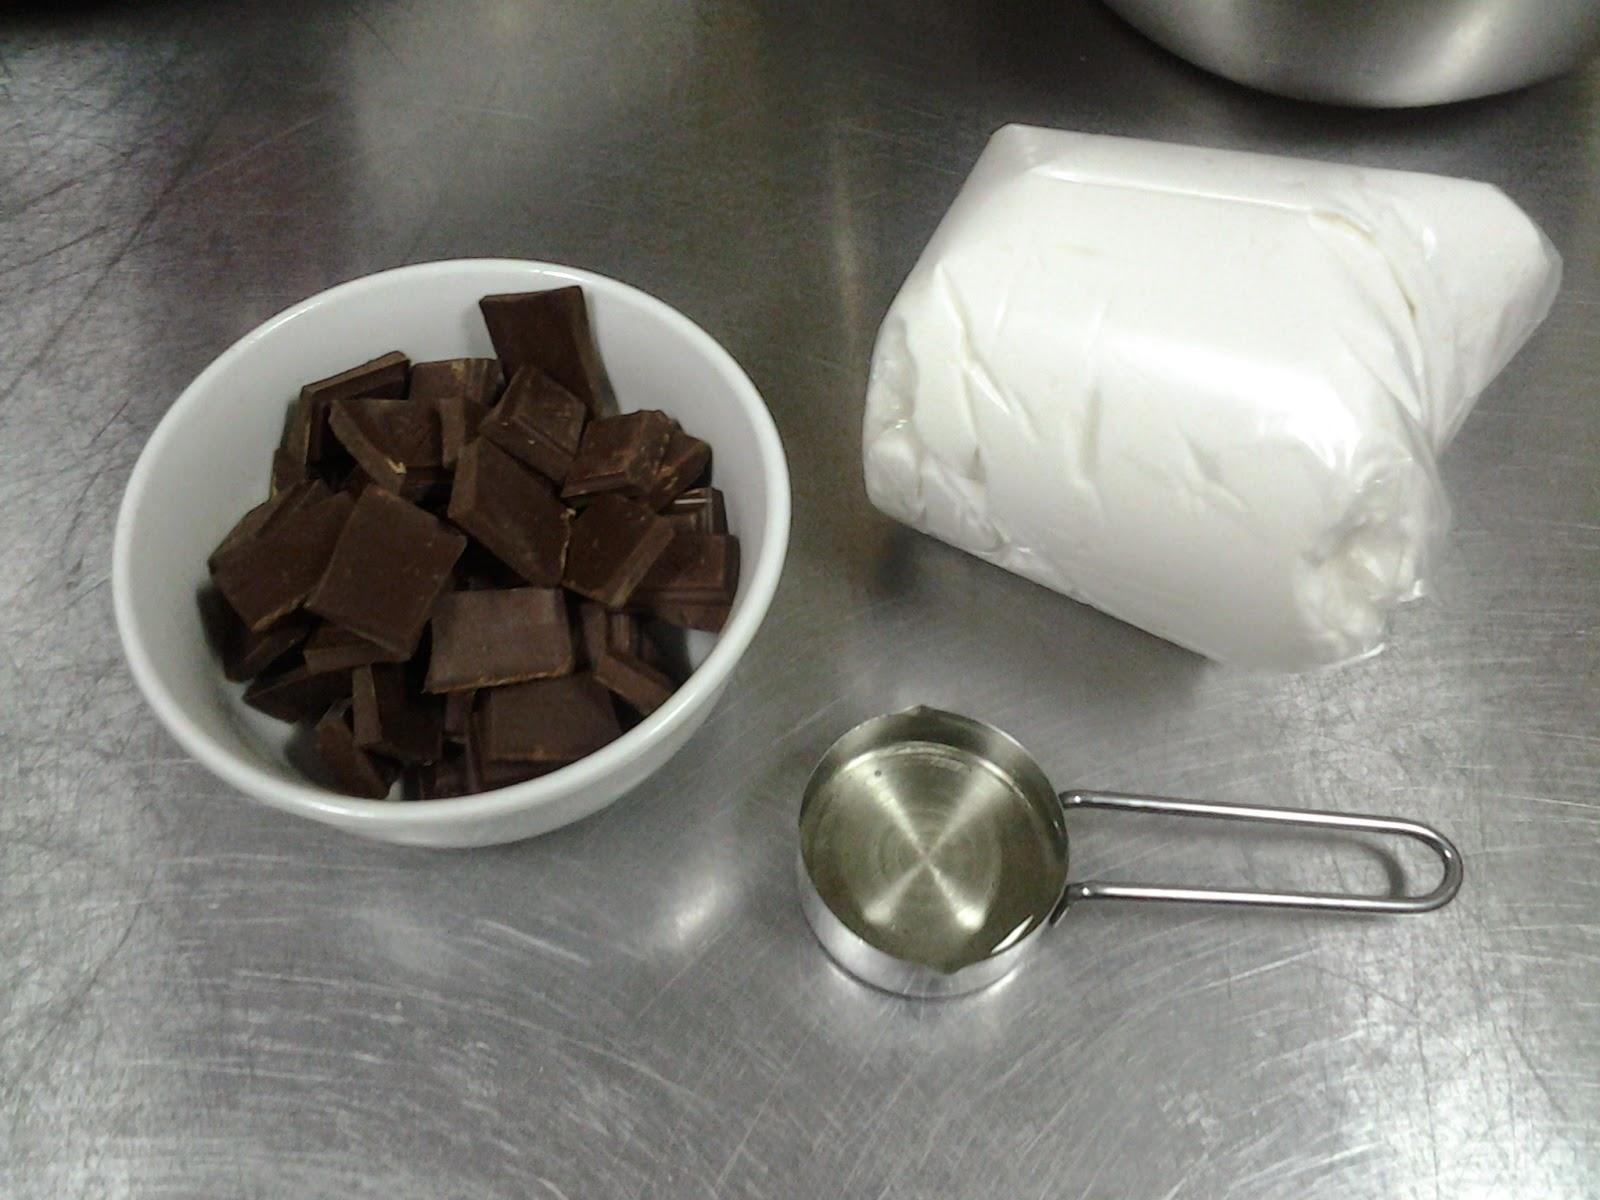 Baño Sencillo Para Tortas: tortas ,cupcakes y más dulces : Fondant de chocolate para forrar